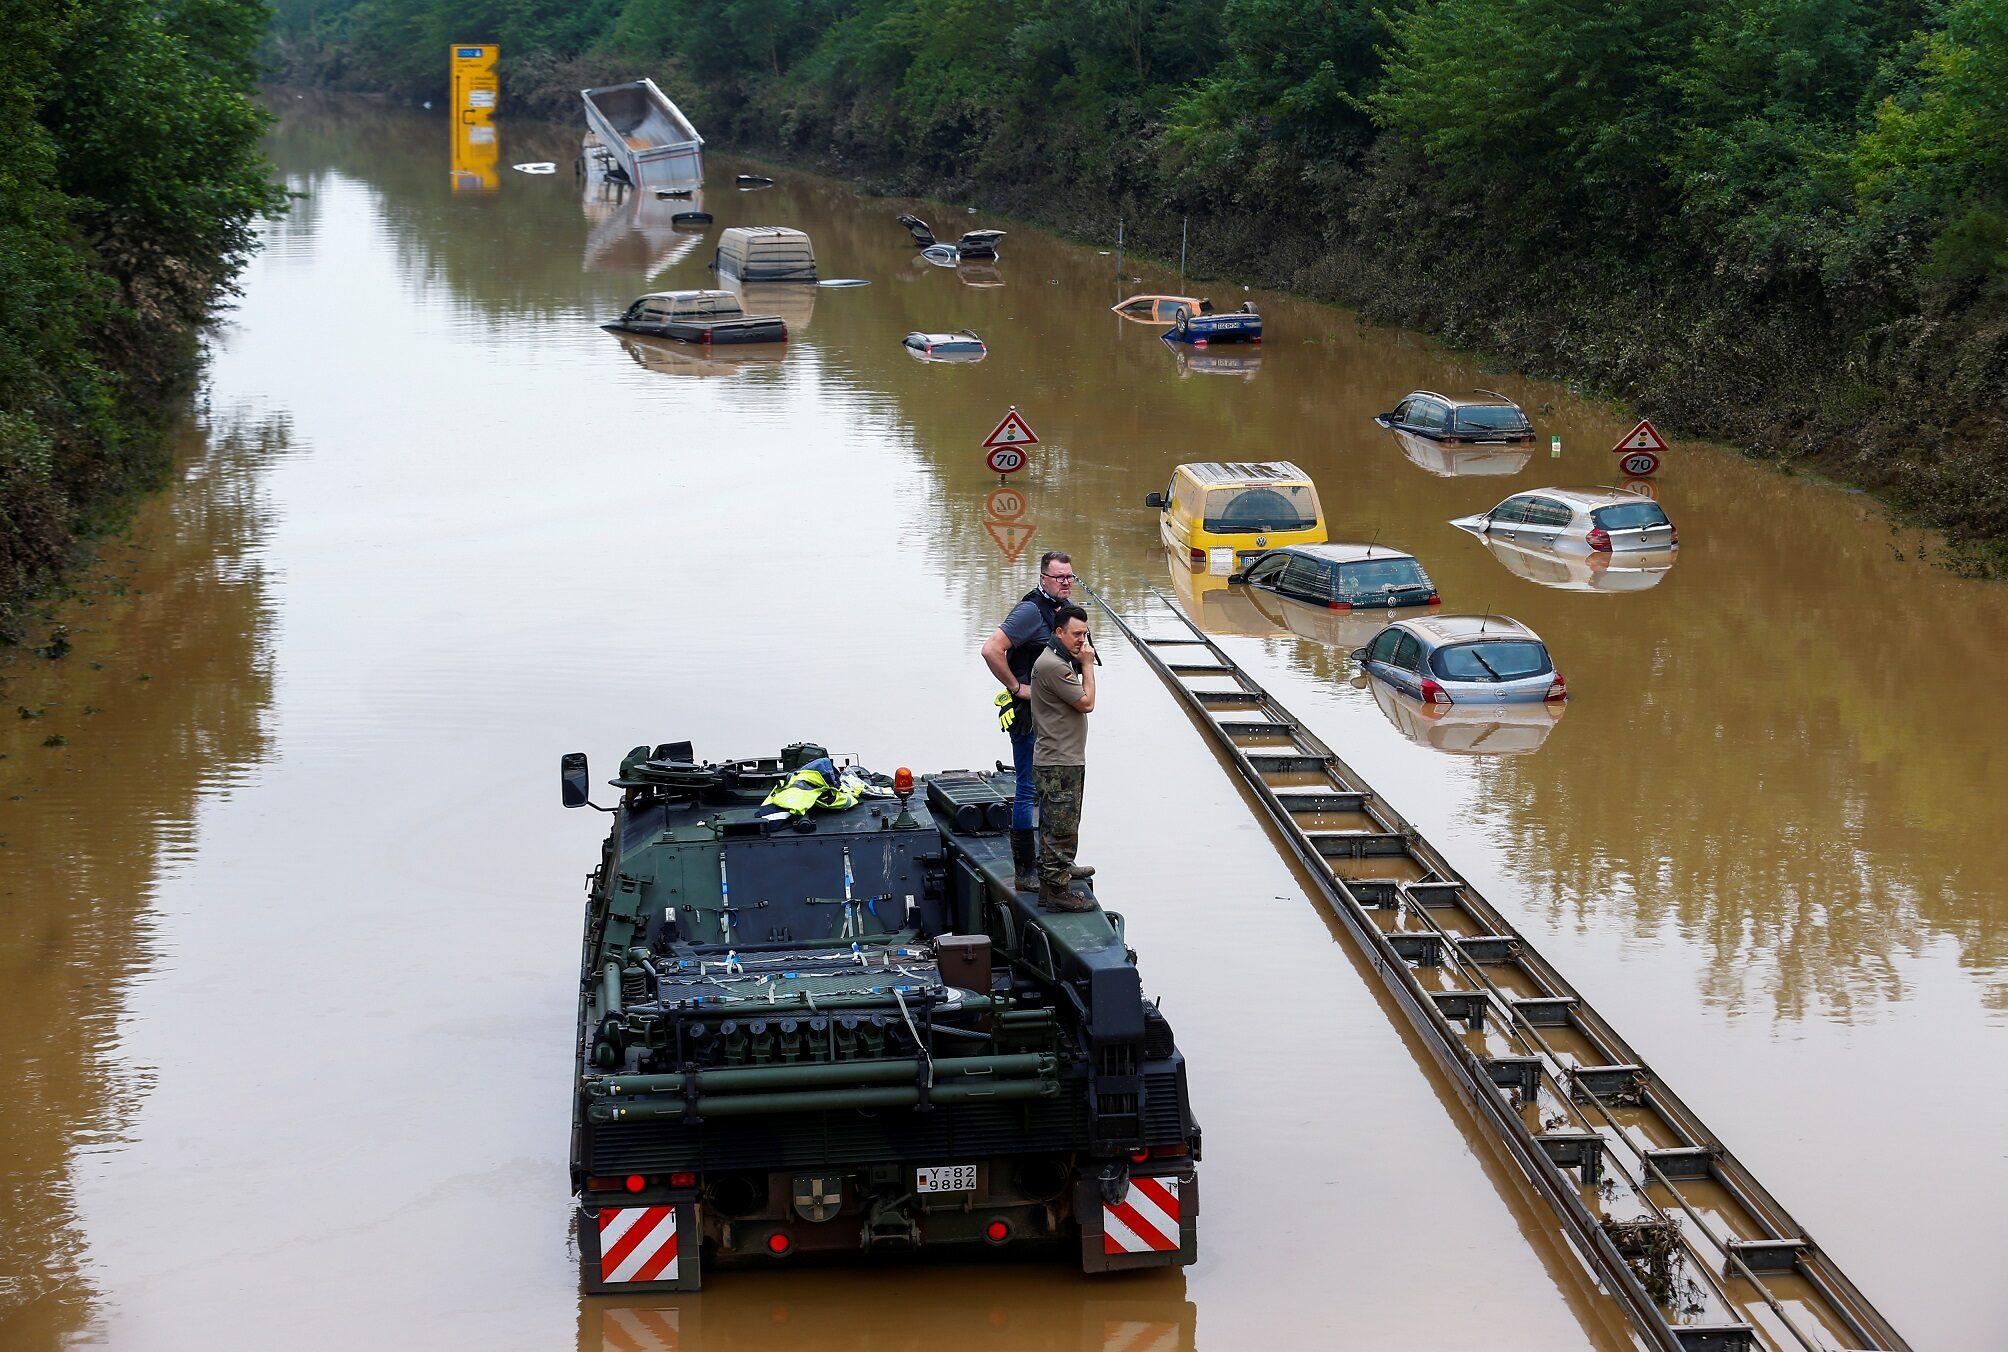 ยอดดับน้ำท่วม 'เยอรมนี-เบลเยียม' ทะลุ 170